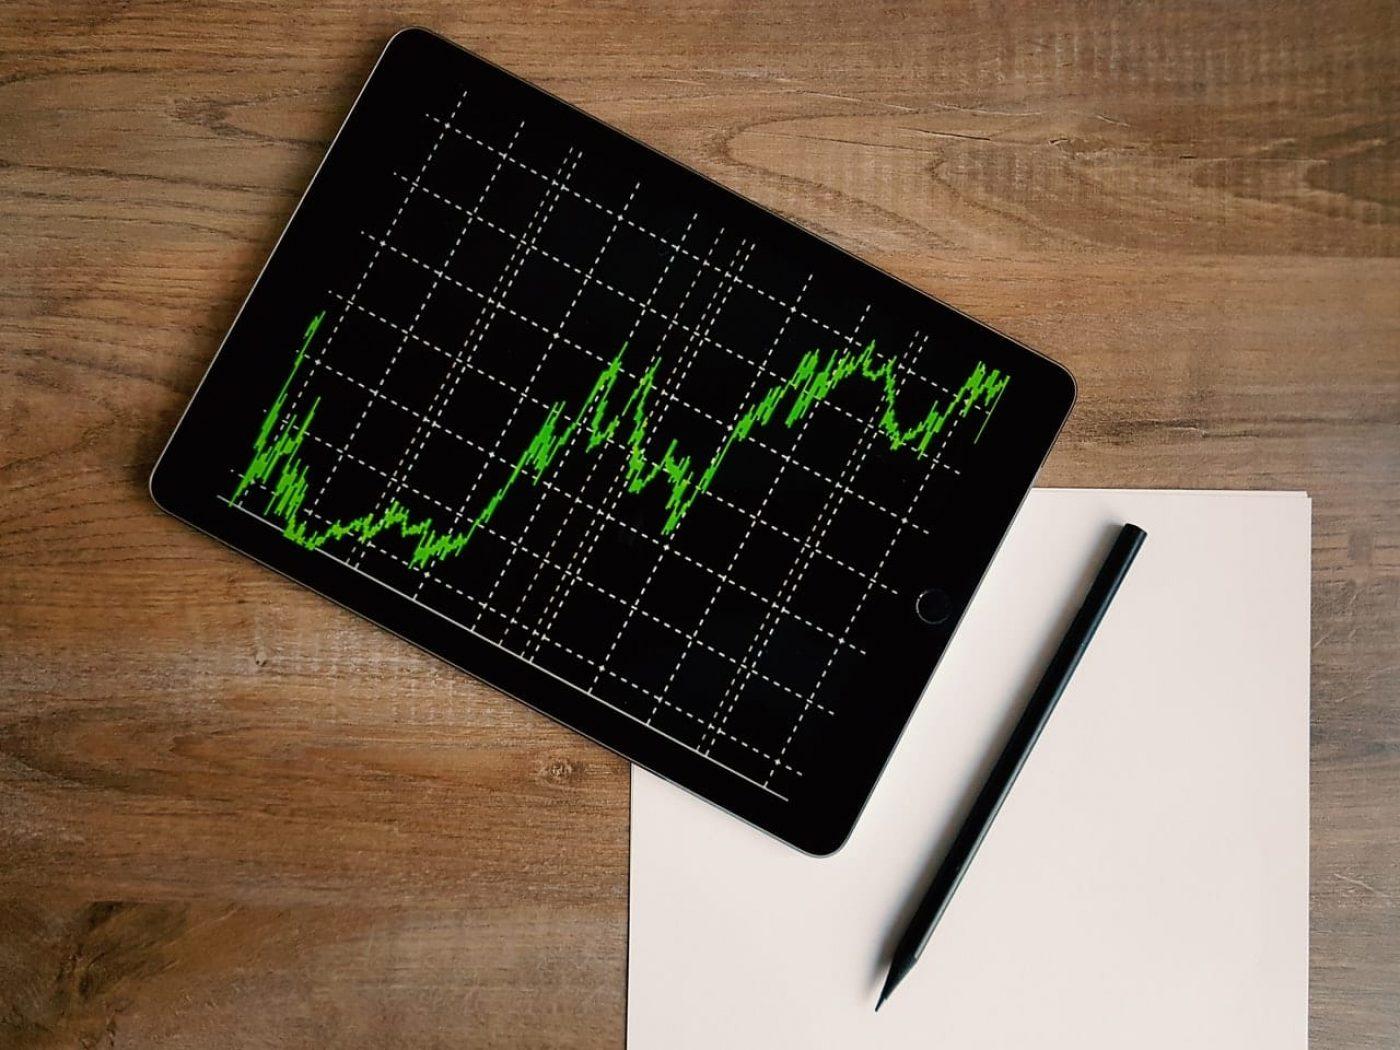 ירידות בשוק ההון עקב נגיף הקורונה